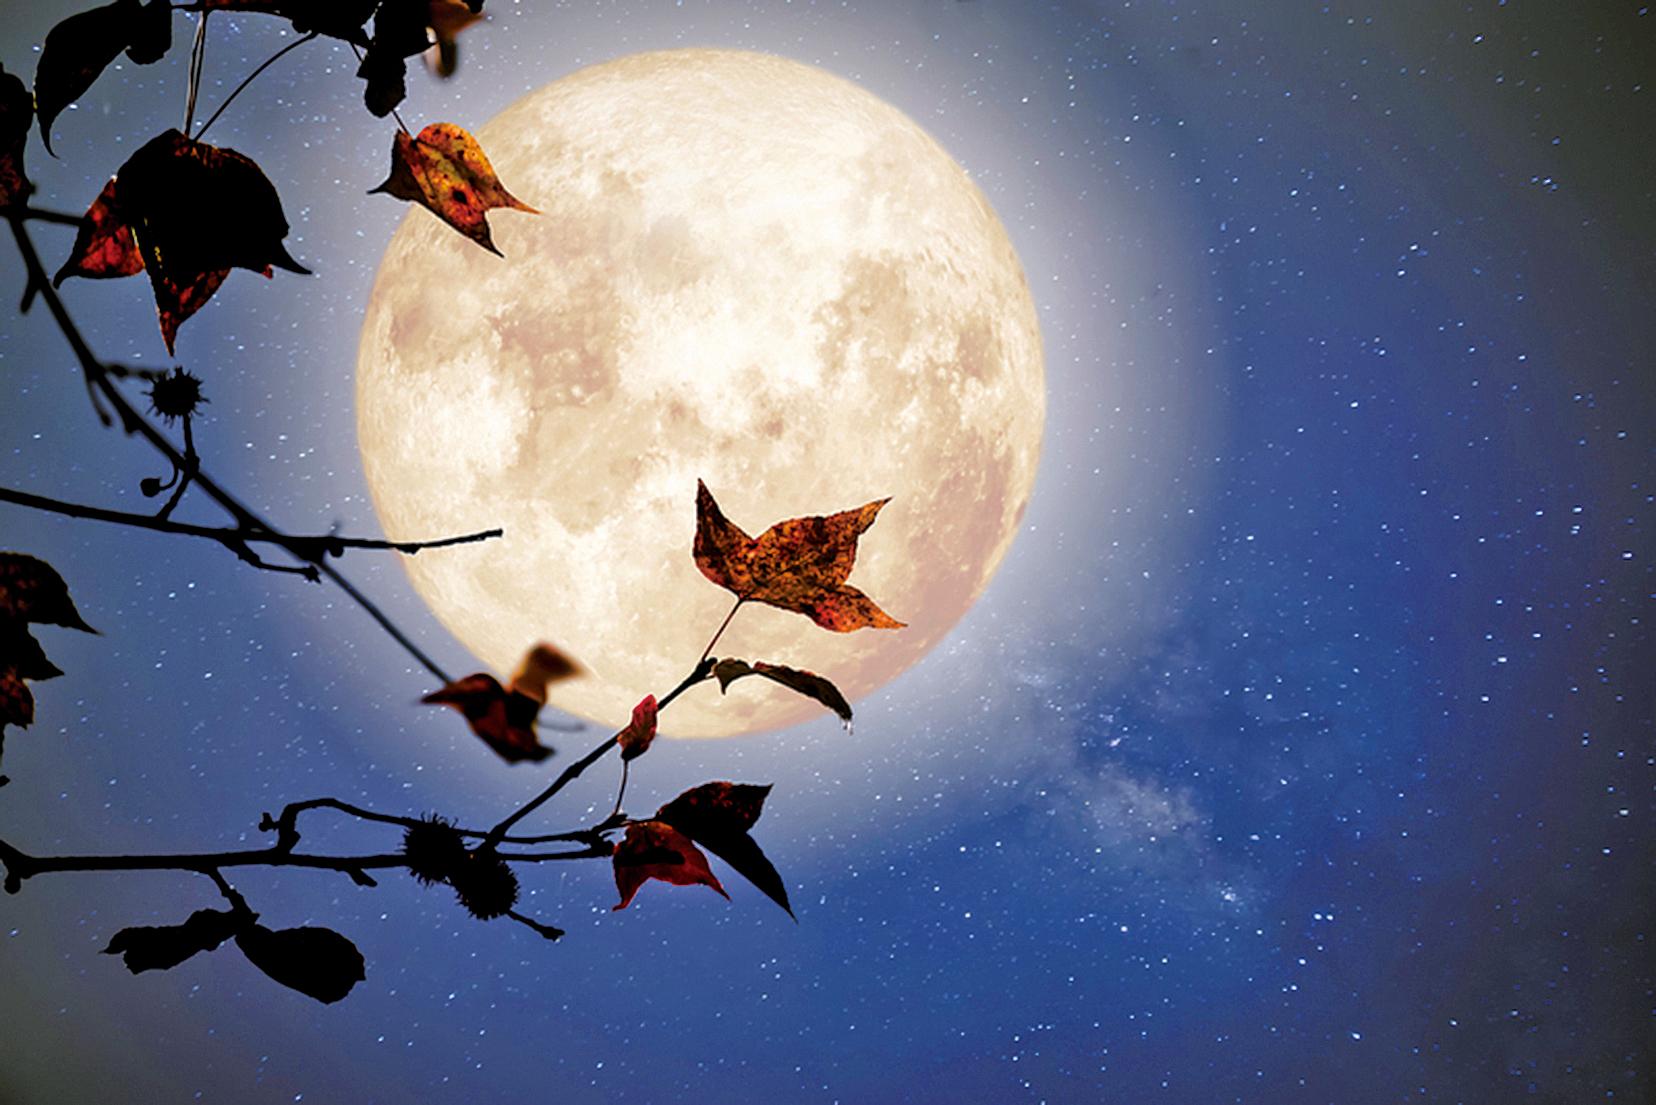 美麗的秋天幻想-楓樹在秋季和滿月與銀河系明星在夜空中(fotolia)